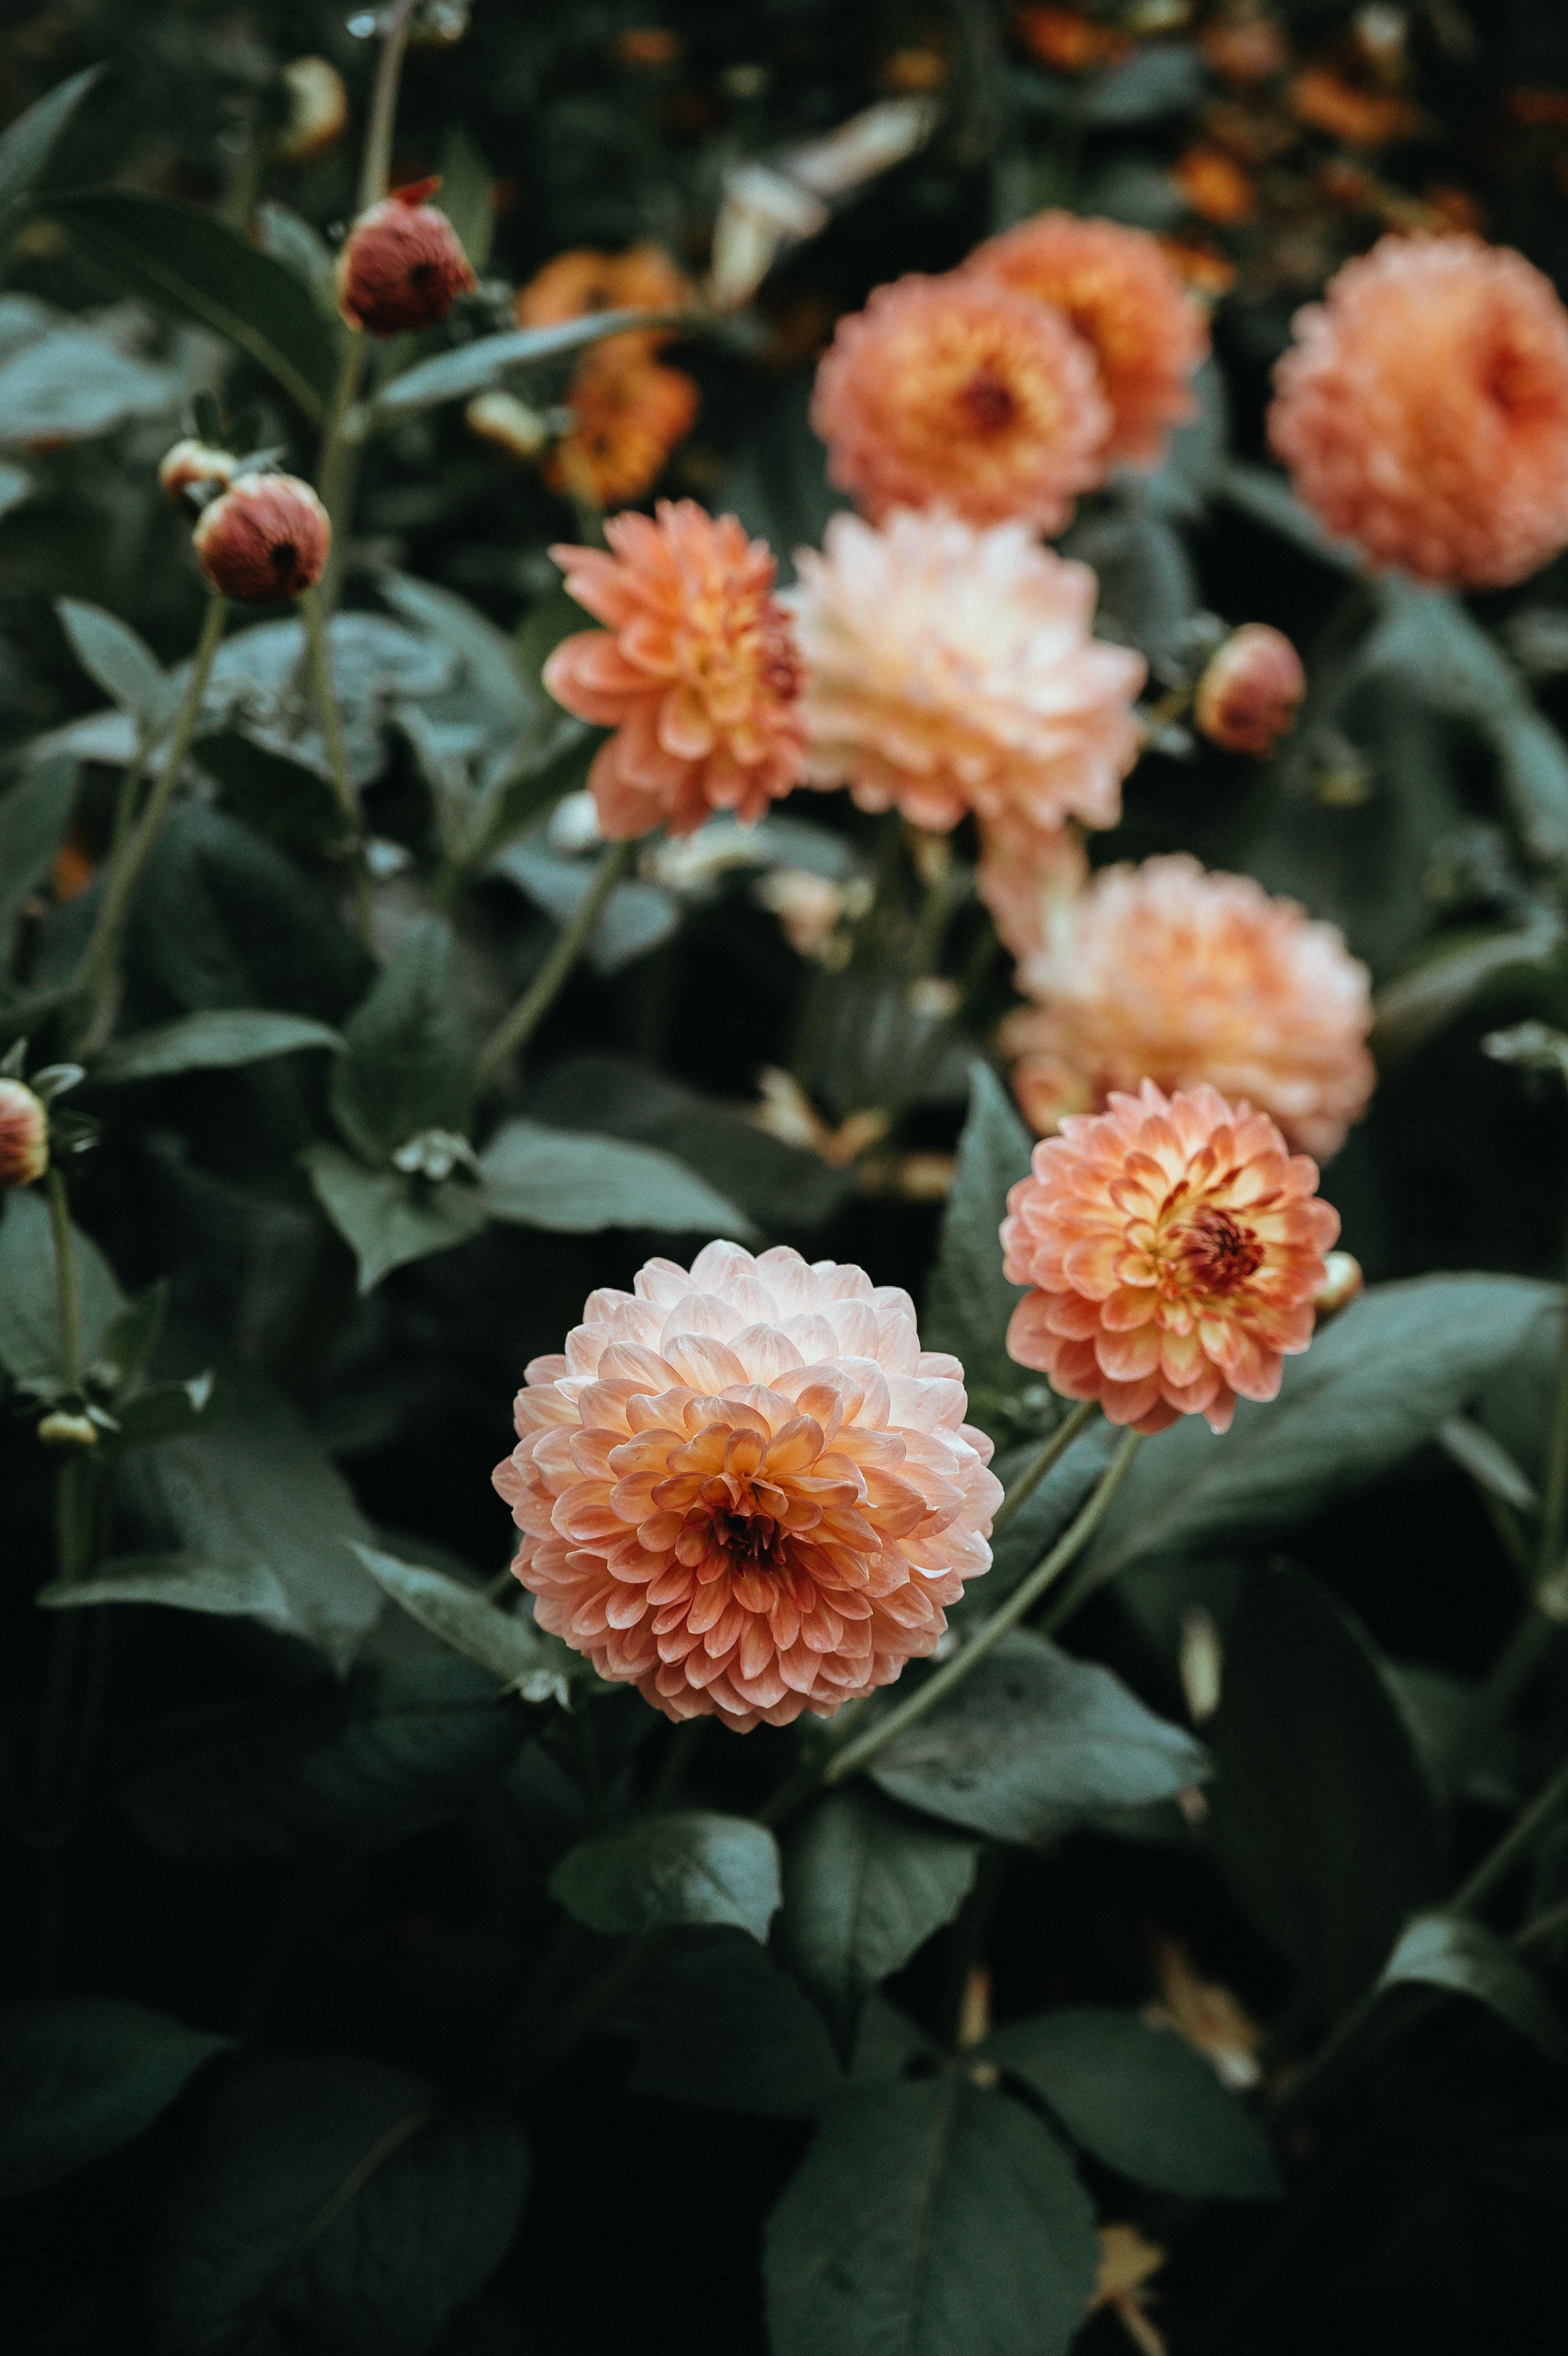 orange petaled flowers photography